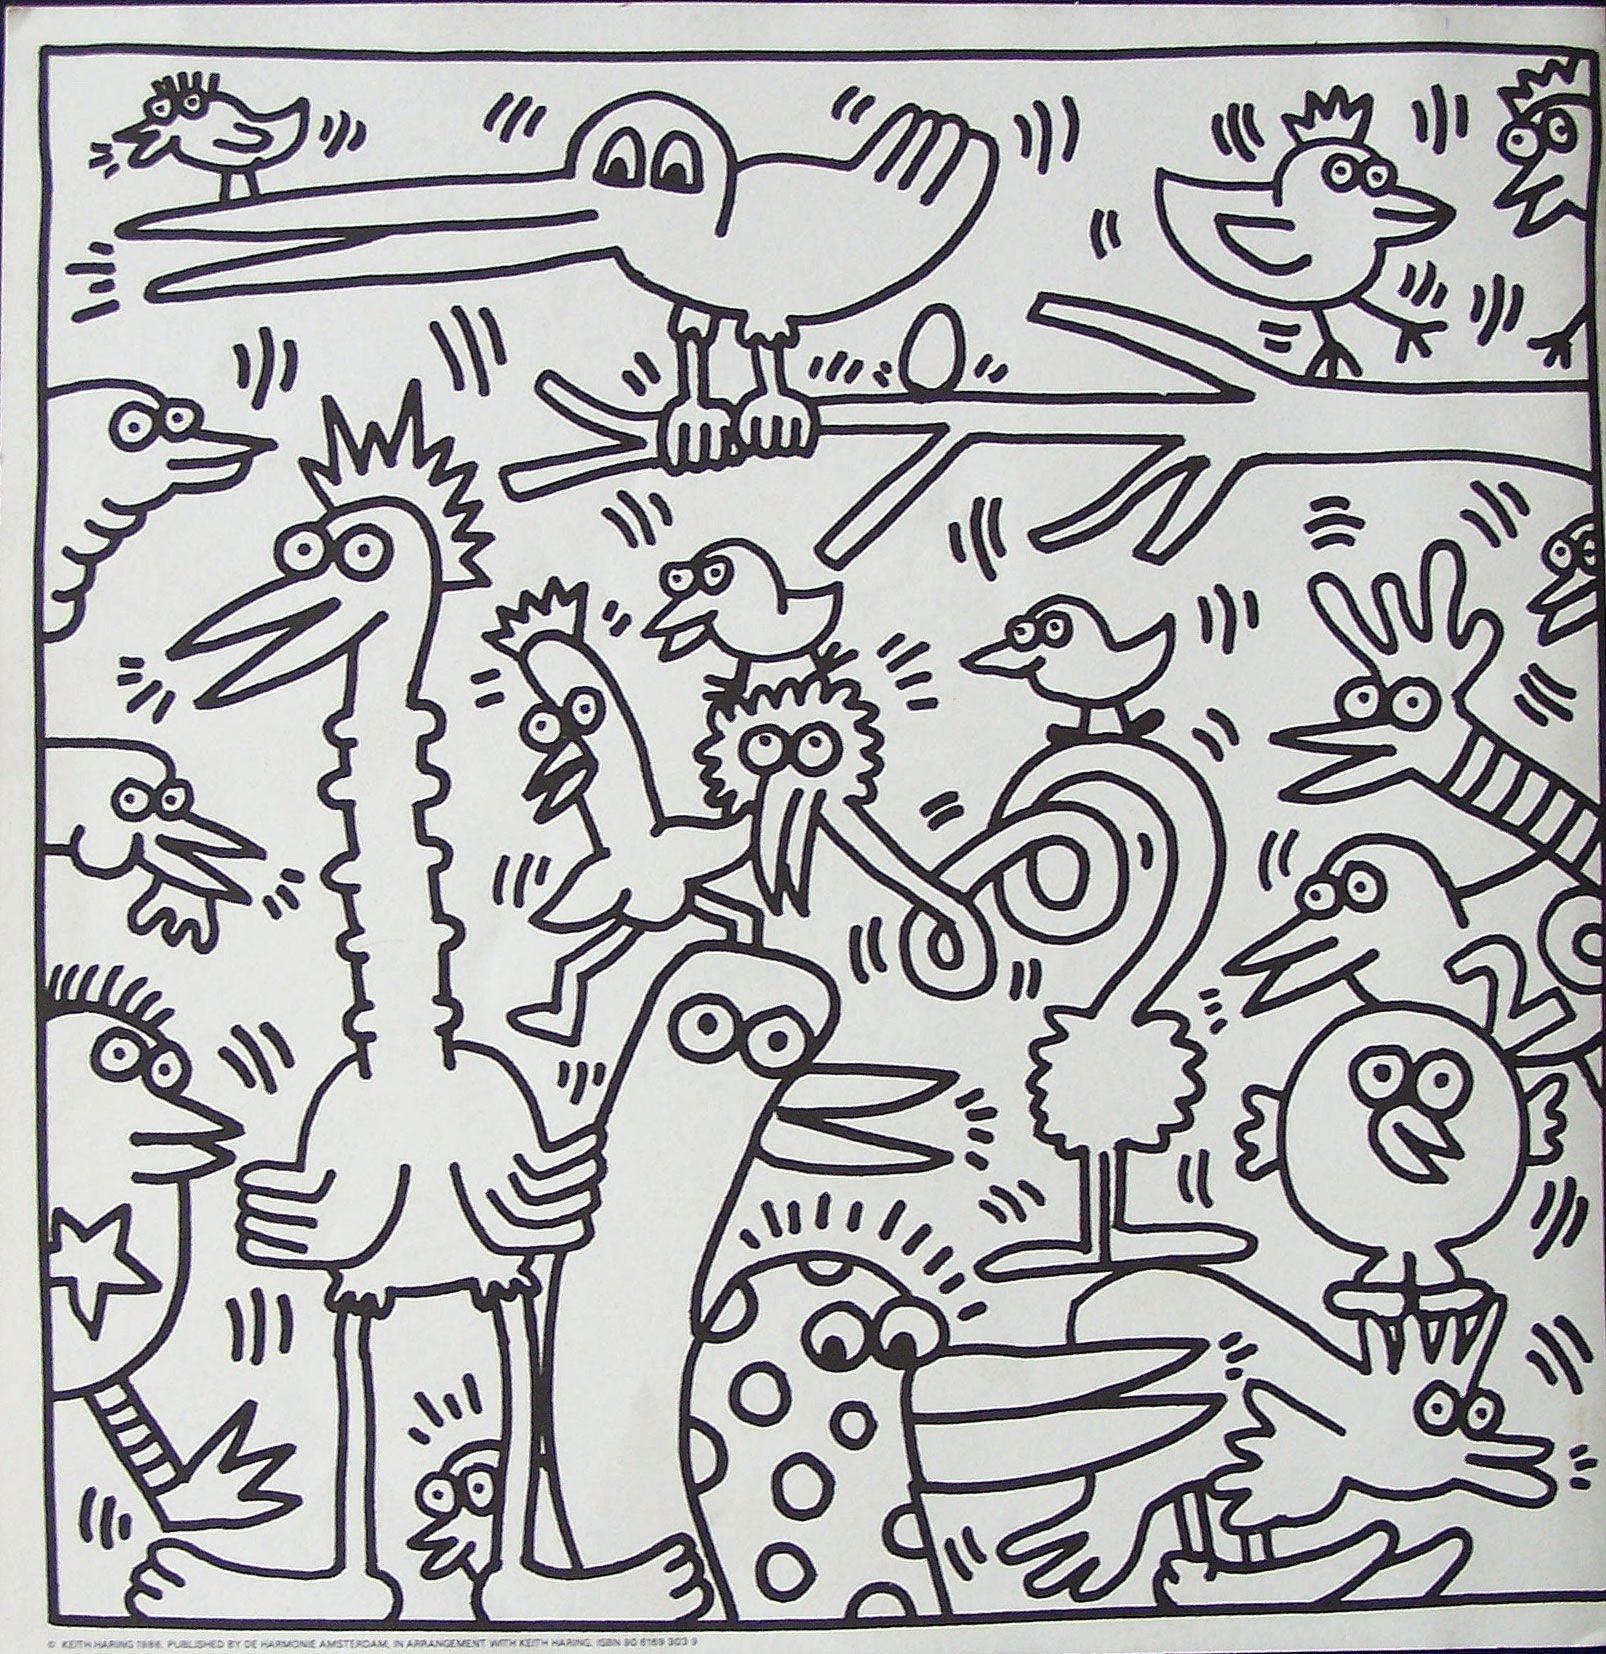 Keith Haring Maakte De Kleurplaat In 1982 Deze Litho Is Uitgebracht Door Harmonie Deze Lithografie Is Betaalbar Kunst Voor Kinderen Keith Haring Kunst Ideeen